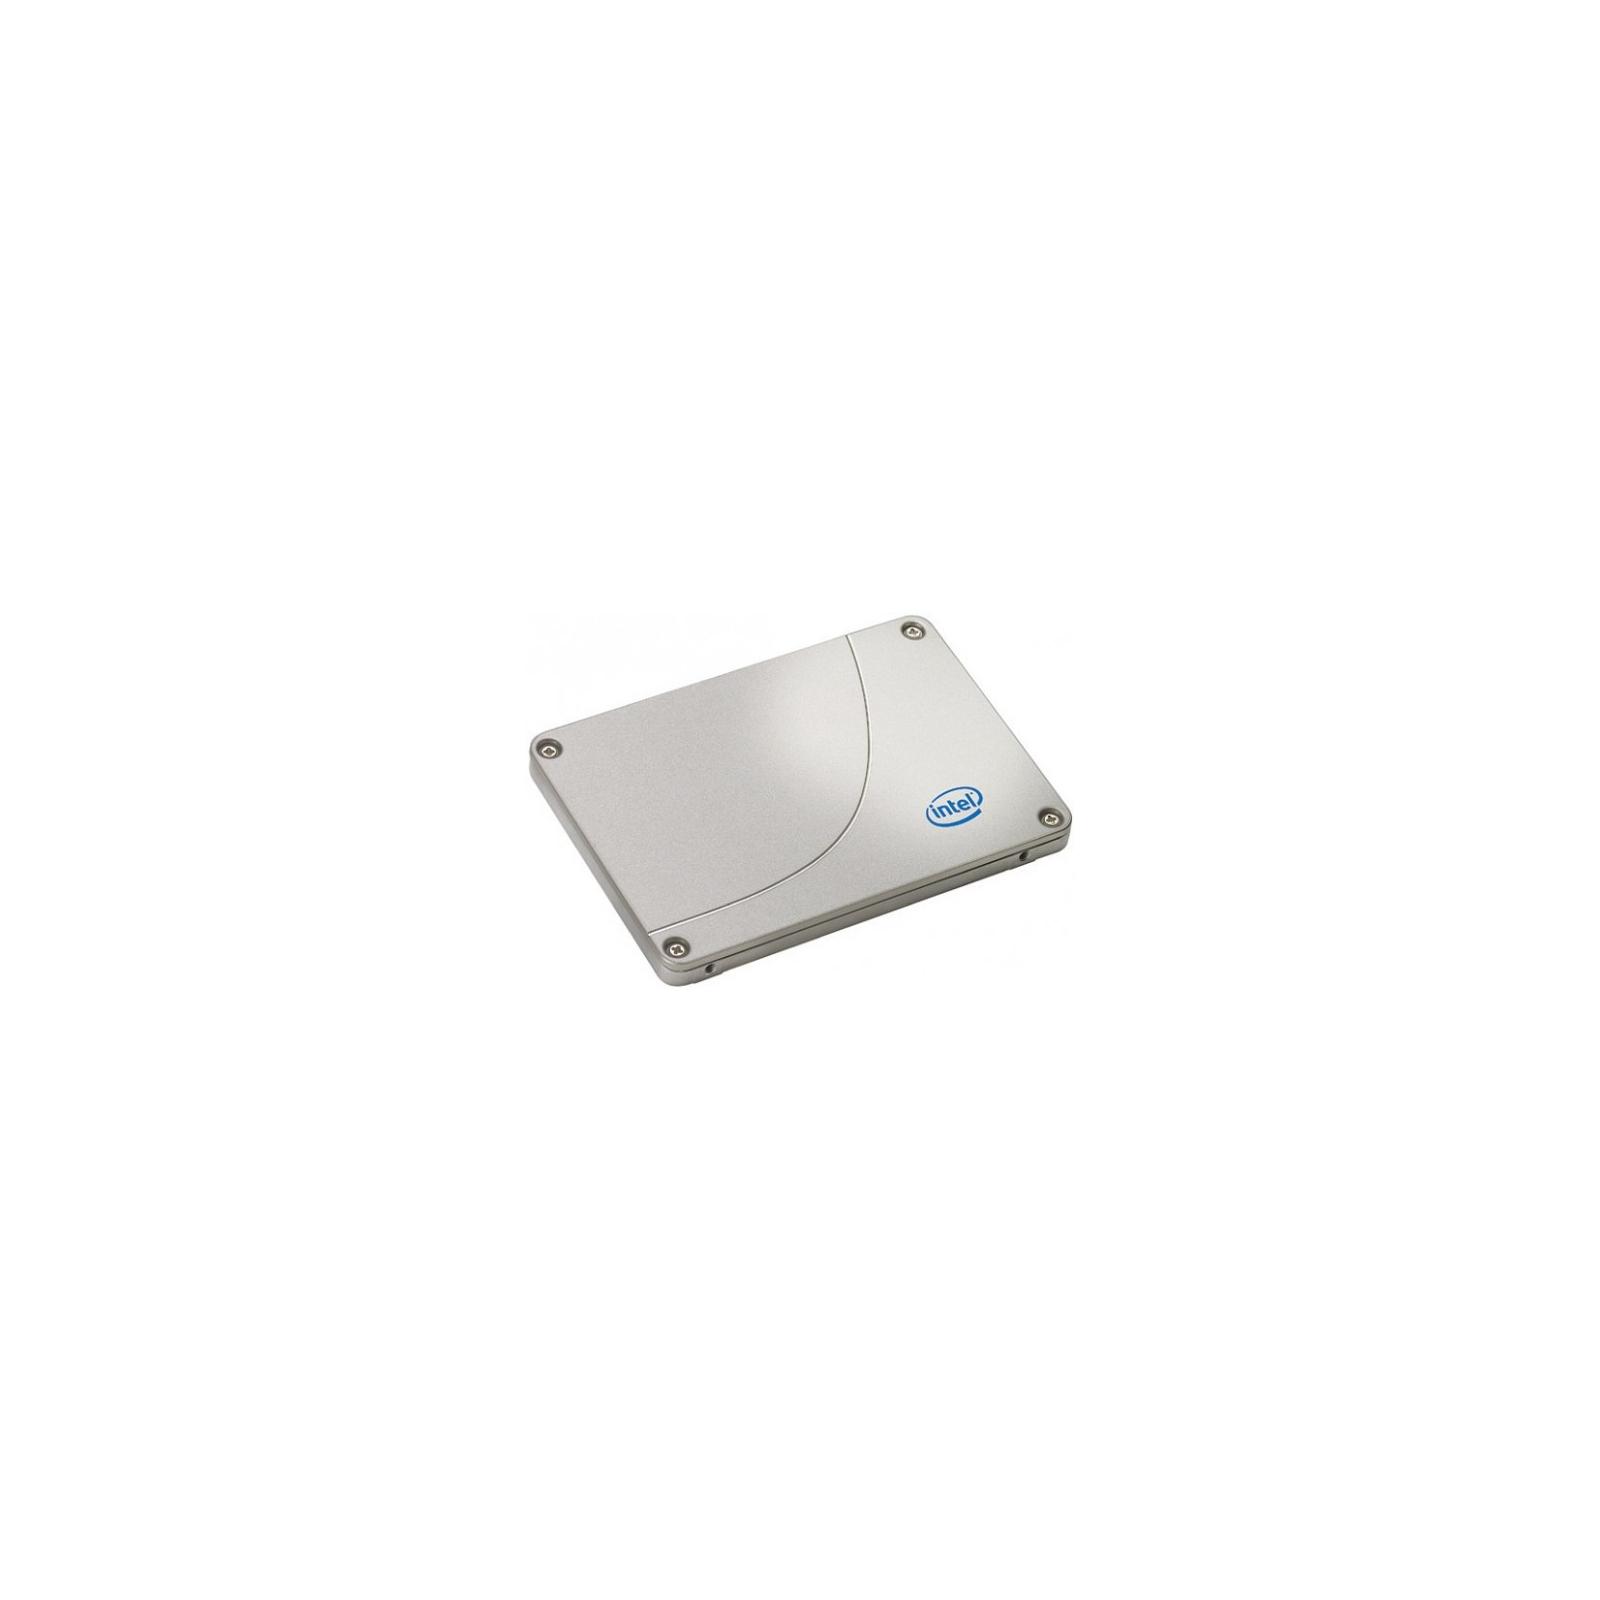 Накопитель SSD mSATA 240GB INTEL (SSDMCEAW240A4)